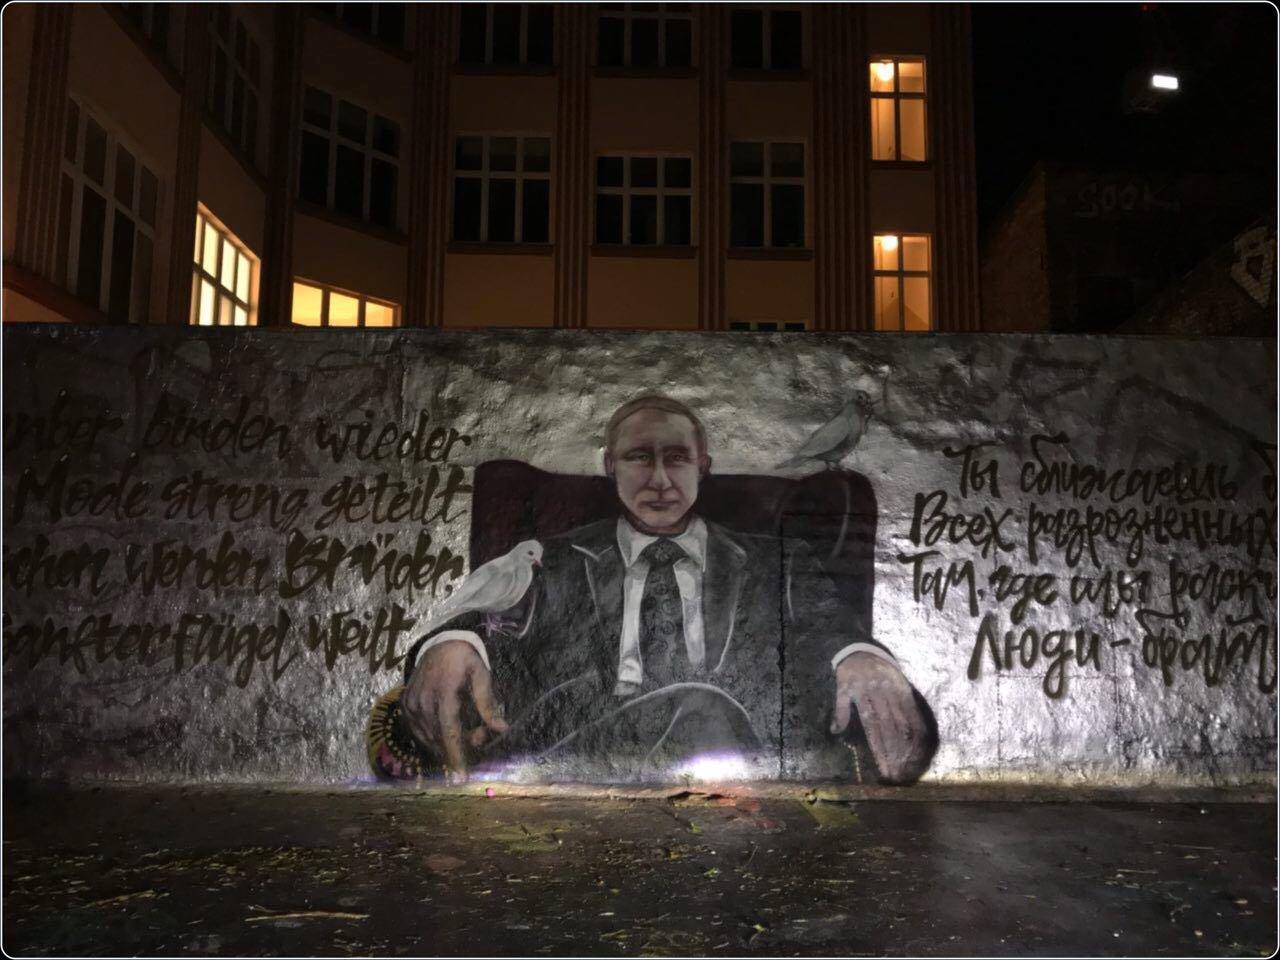 Жители Берлина, Парижа, Барселоны и сирийские военные поздравили В.В.Путина